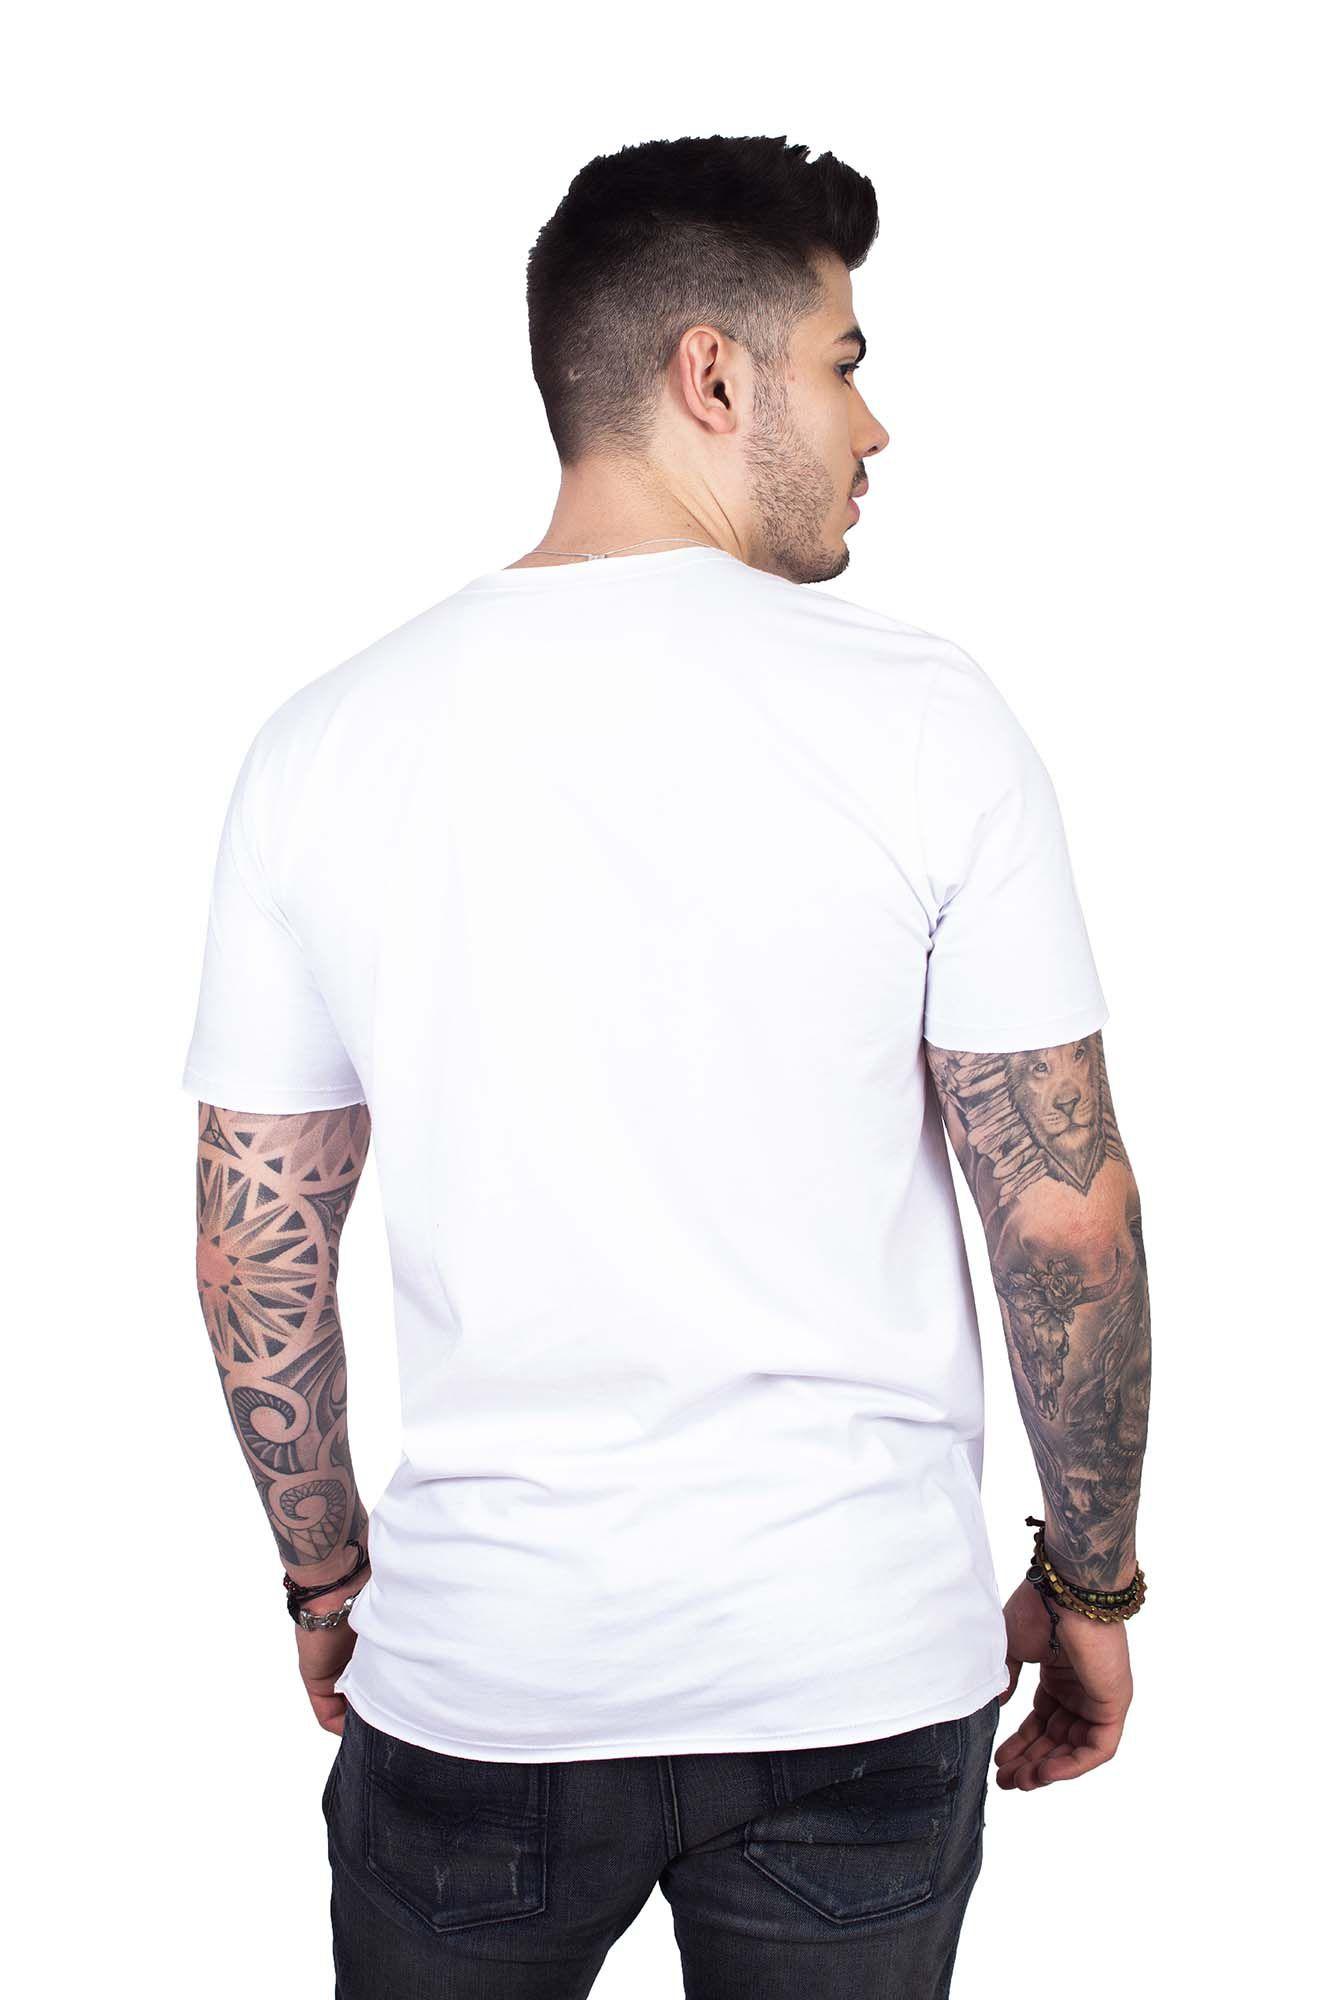 7ee4326ab9 Camiseta Masculina Manga Curta Branca Caveira Camiseta Masculina Manga  Curta Branca Caveira